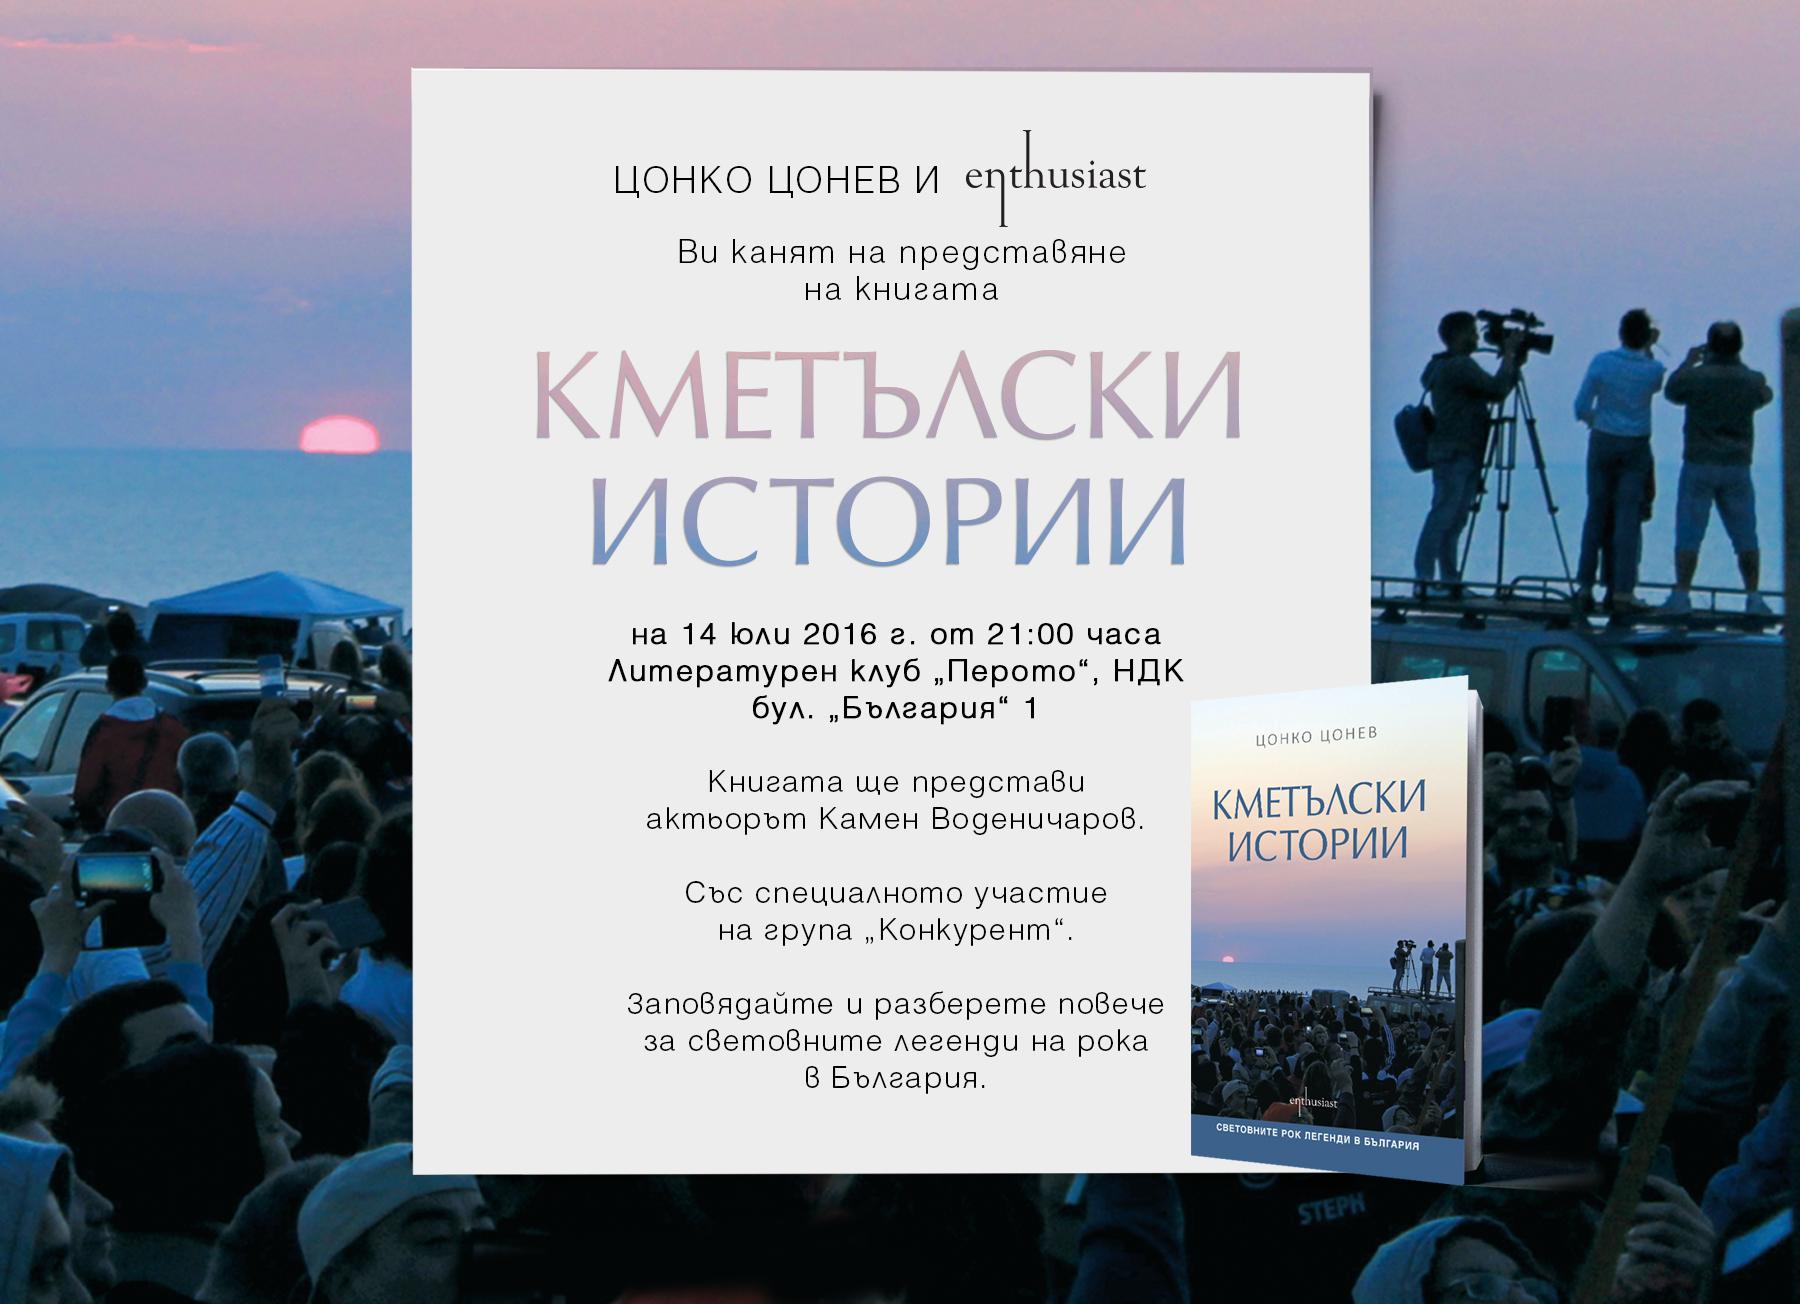 Enthusiast_Kmetulski-istorii-Pokana